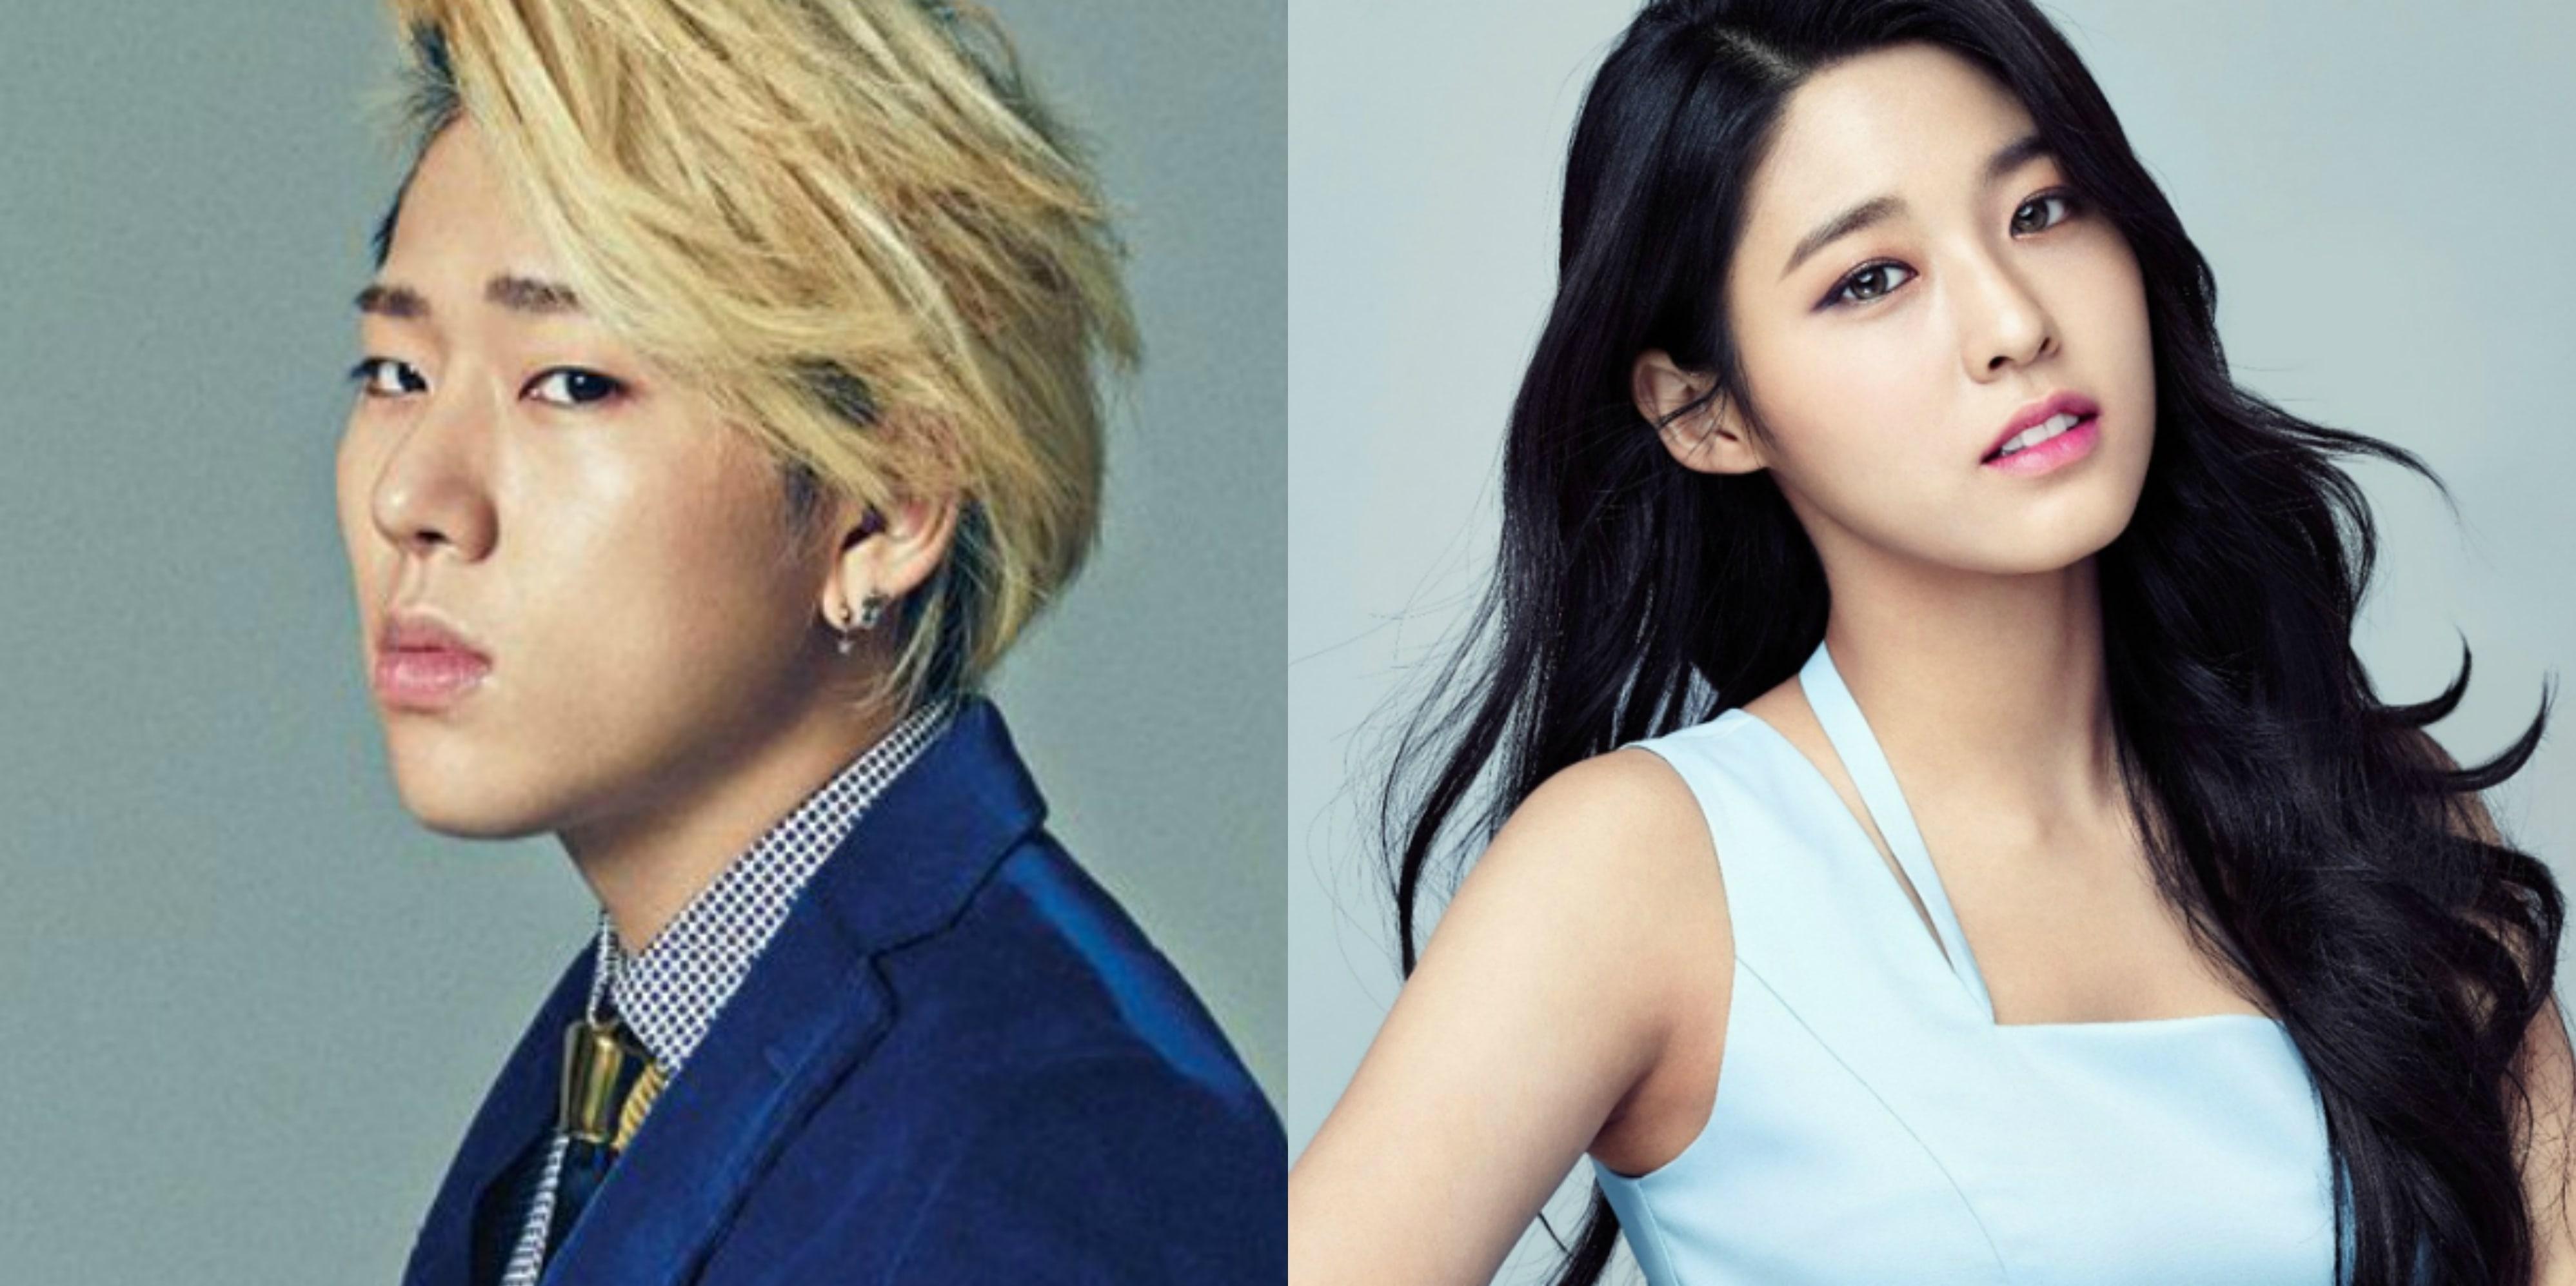 Zico dan Seolhyun AOA